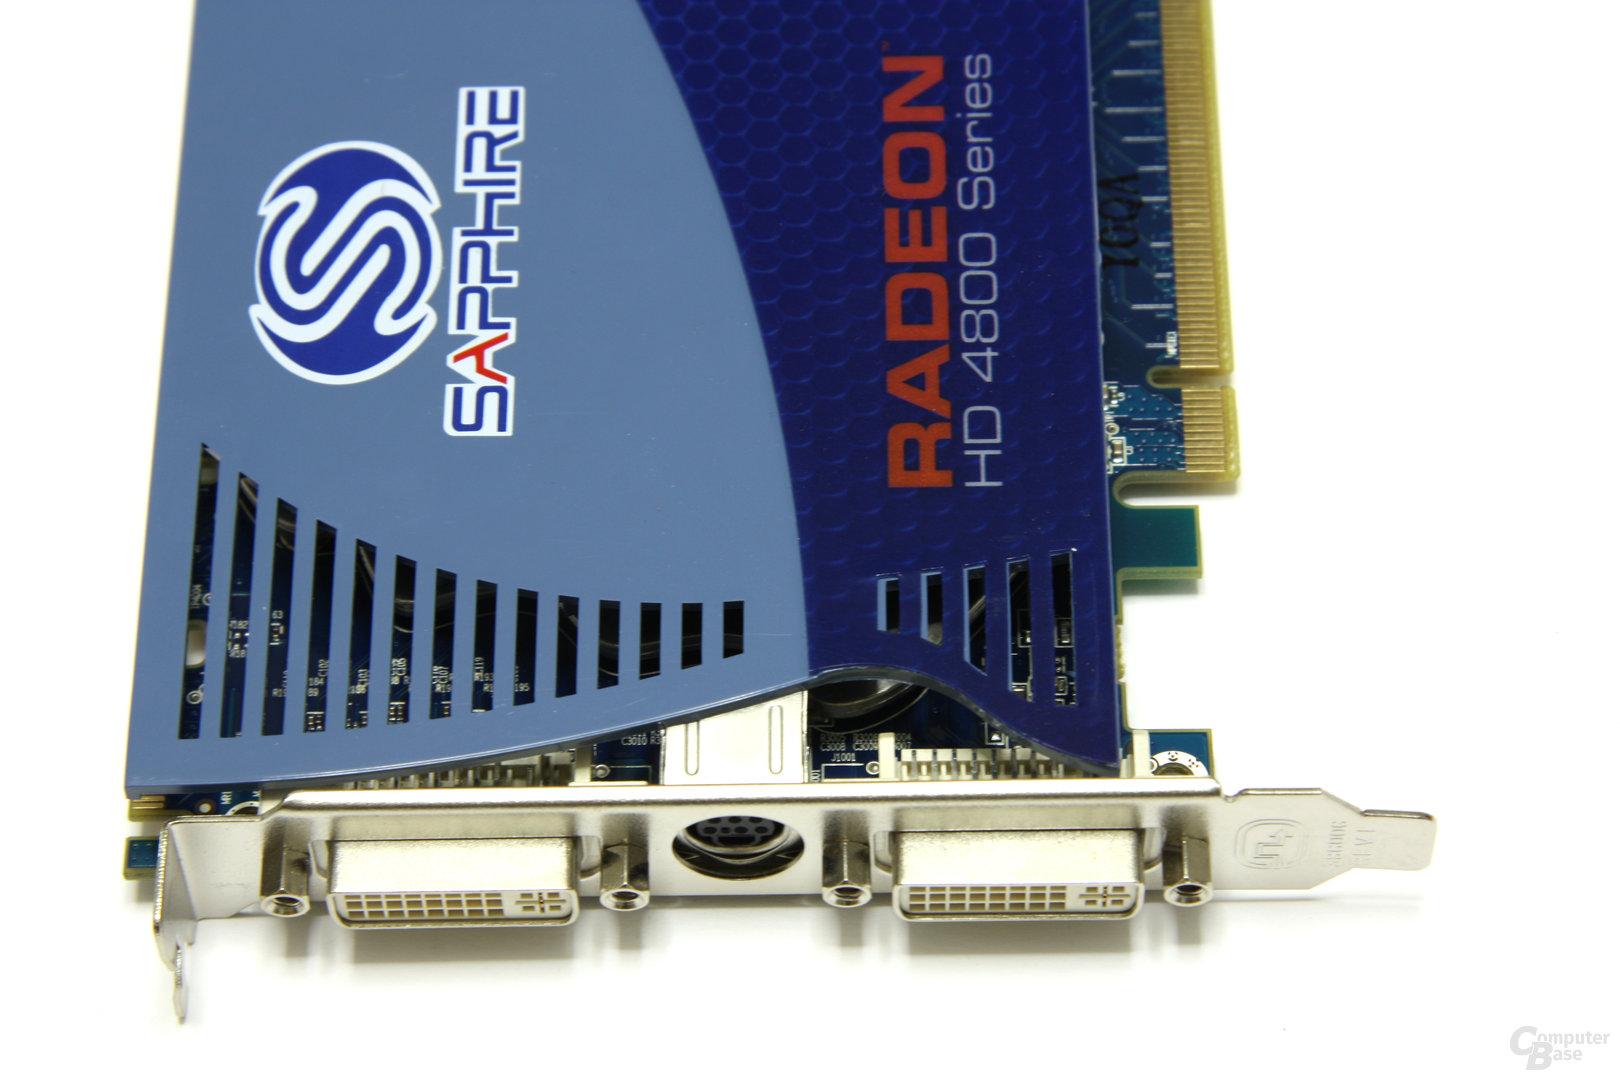 Radeon HD 4850 1GB Anschlüsse